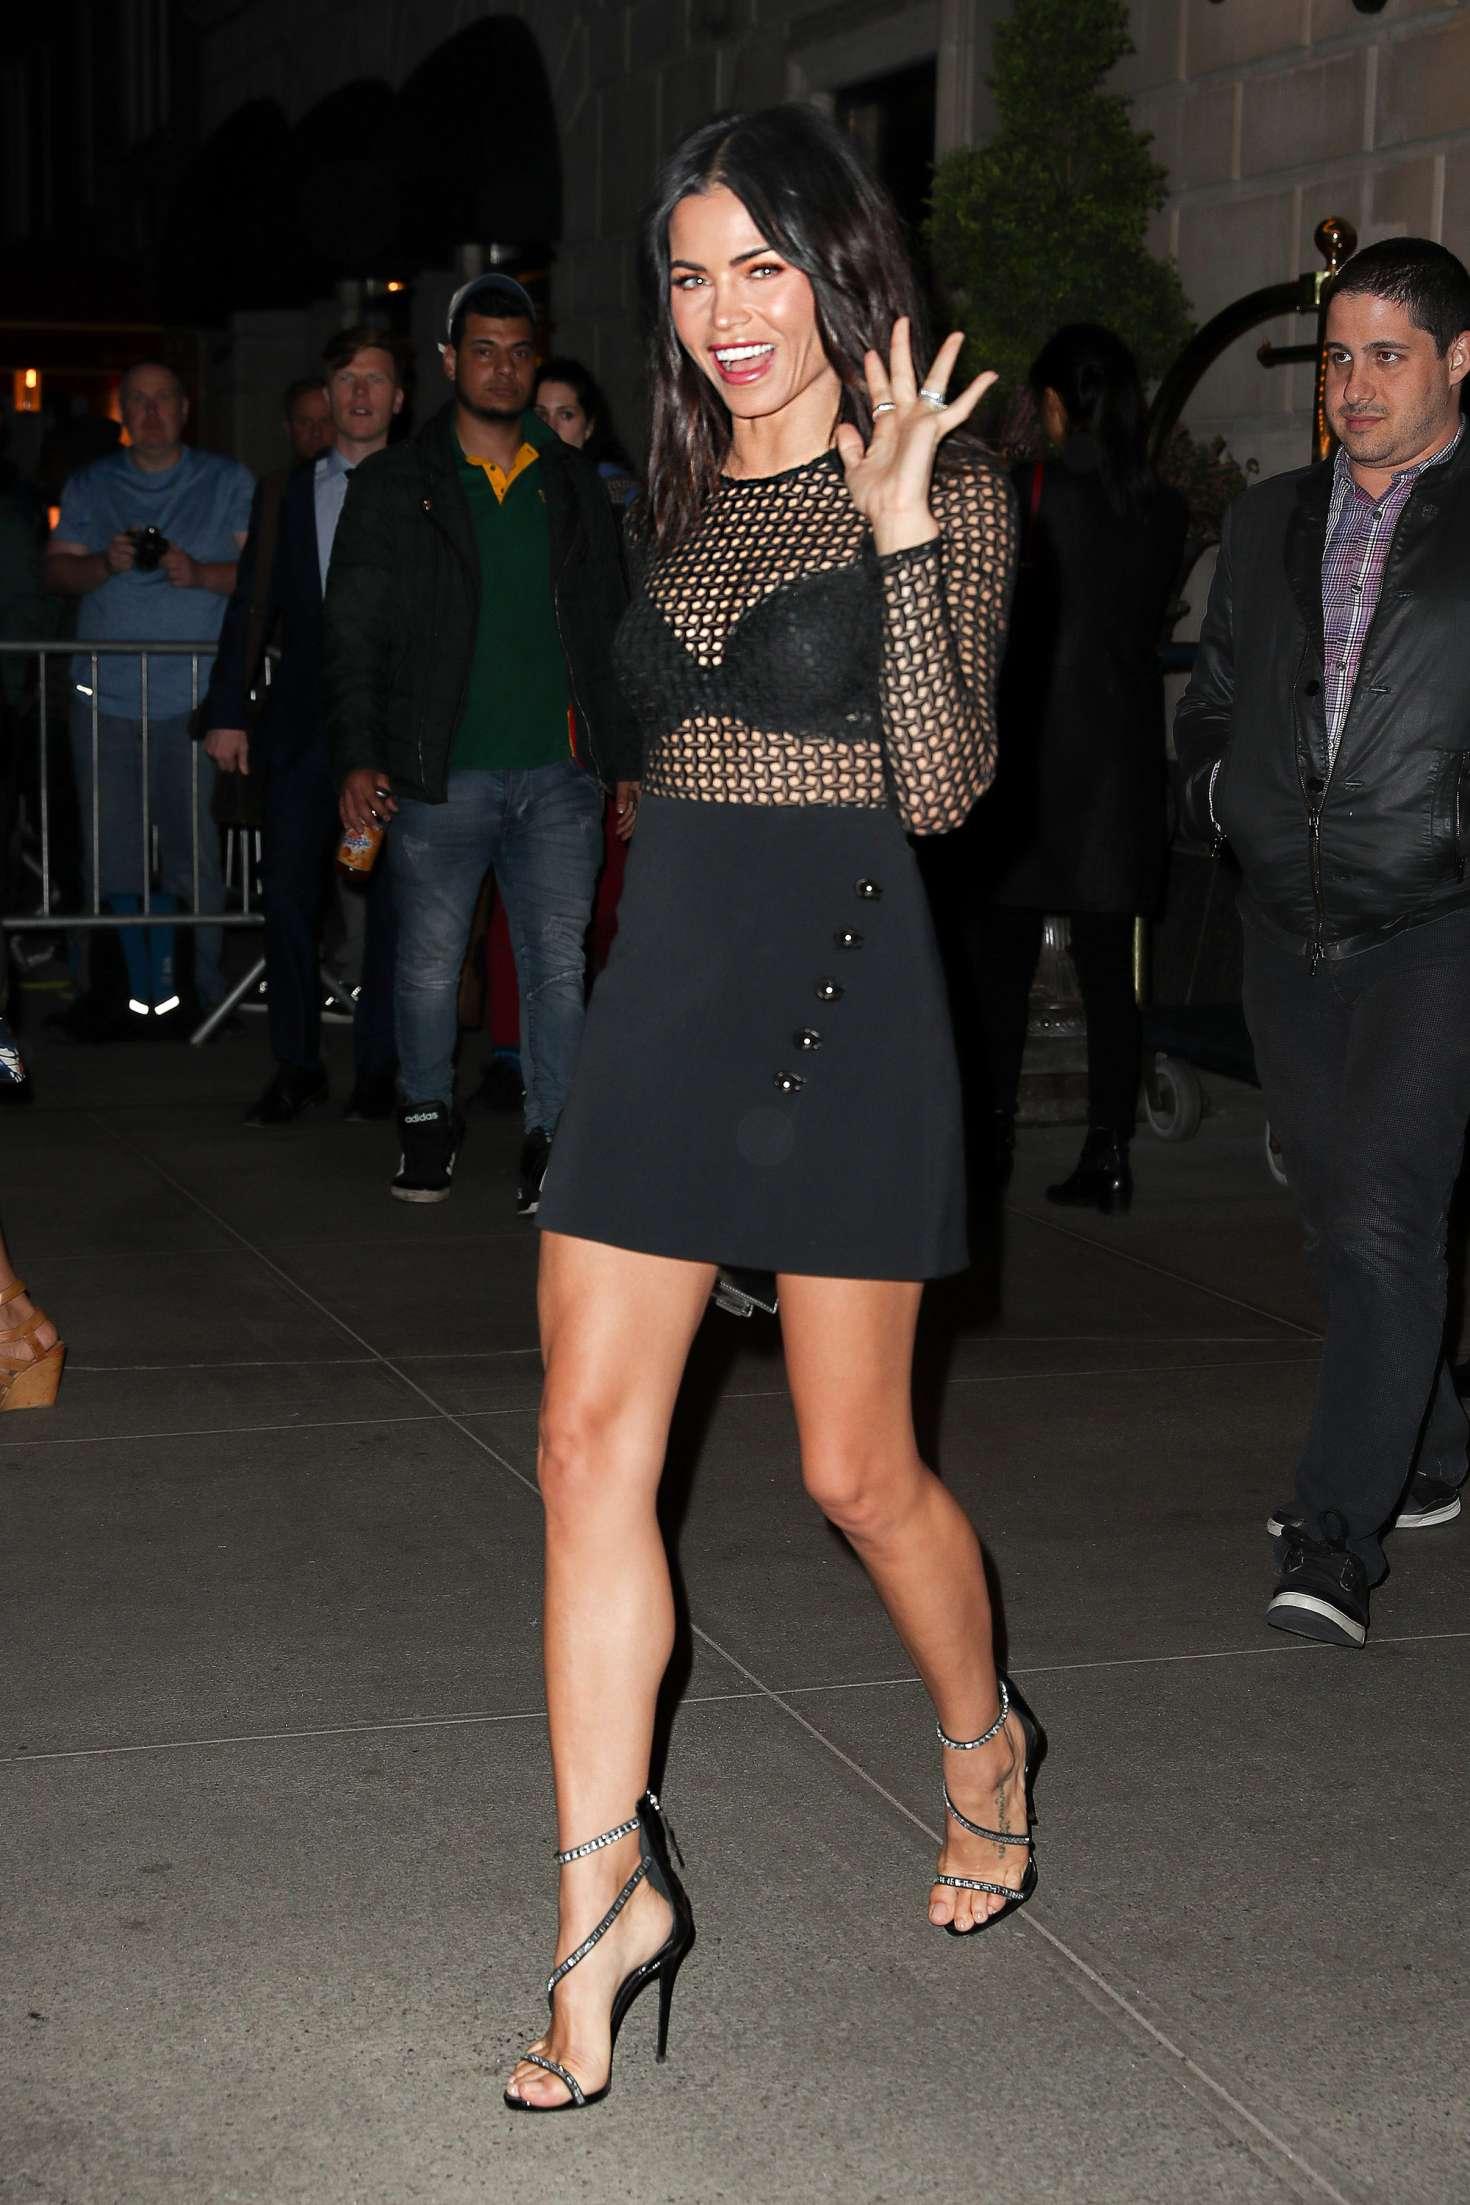 Jenna Dewan Tatum 2017 : Jenna Dewan Tatum Leaving her hotel -04